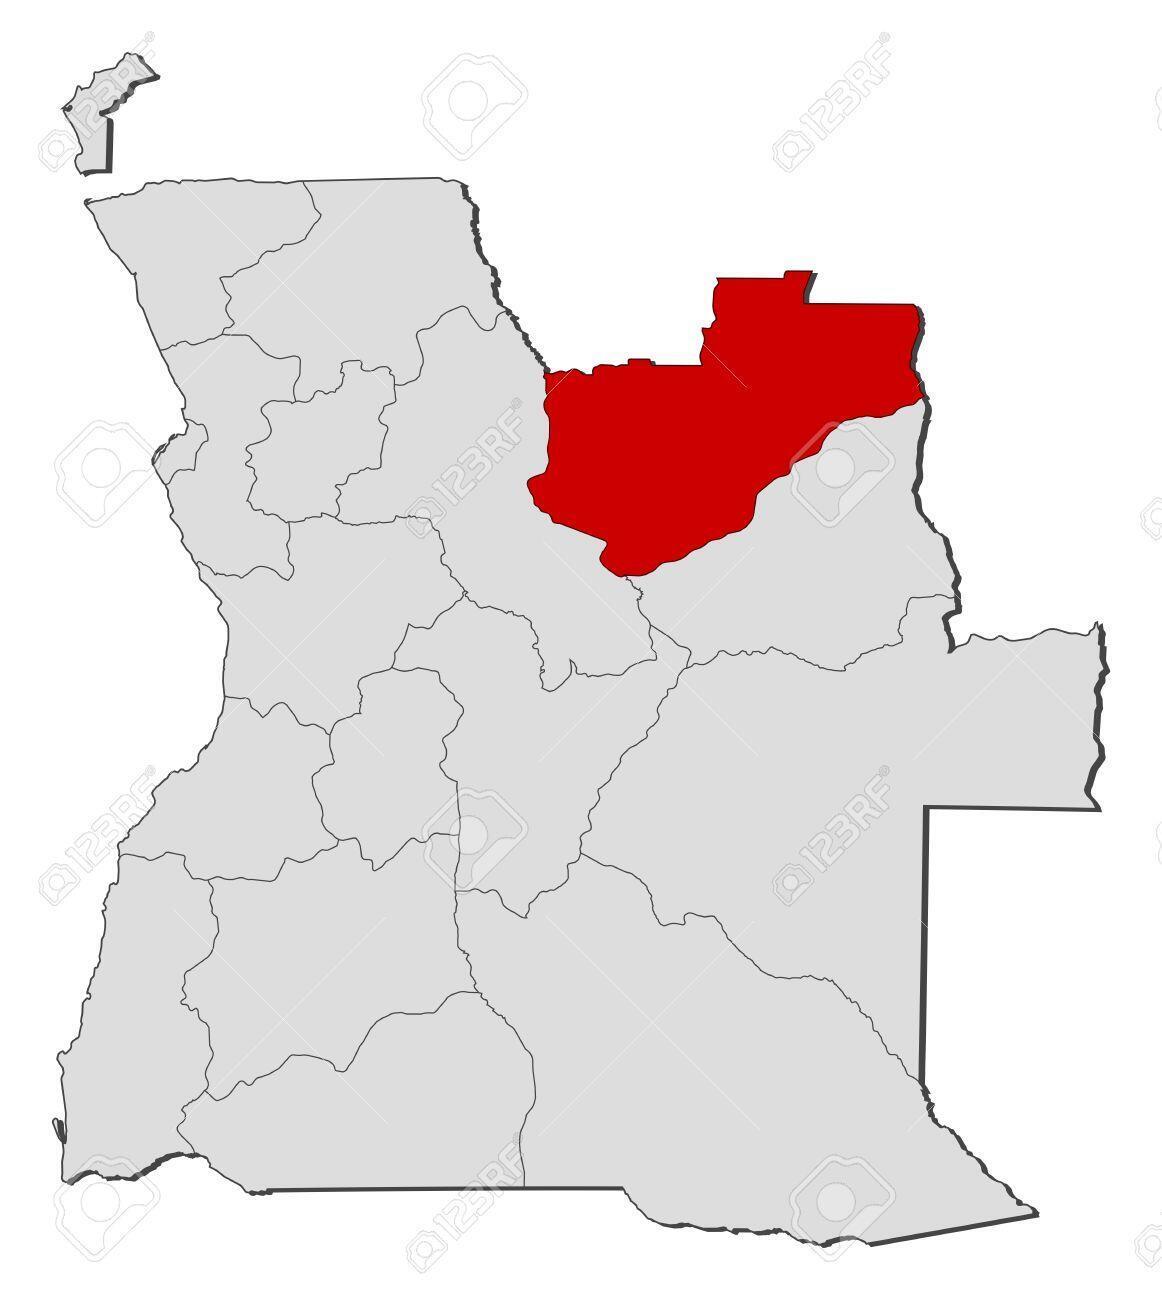 Lundas a vermelho no mapa de Angola, palco de mais manifestações a 23 de junho com 3 presos pela polícia angolana